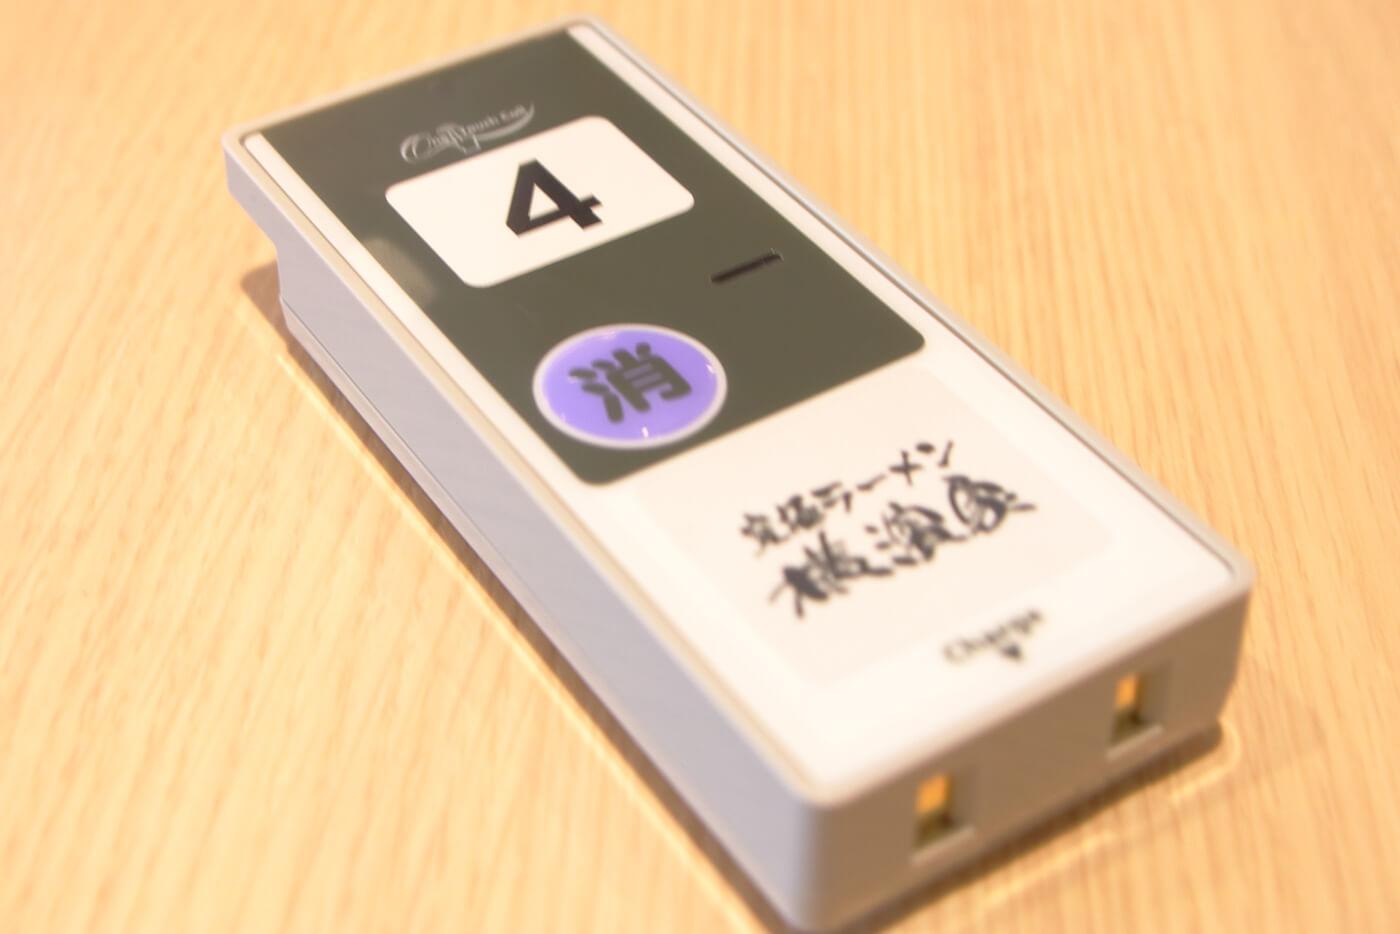 イオンモール高知東館3階フードコートで料理のできあがりを待つあいだに渡される呼び出しブザー